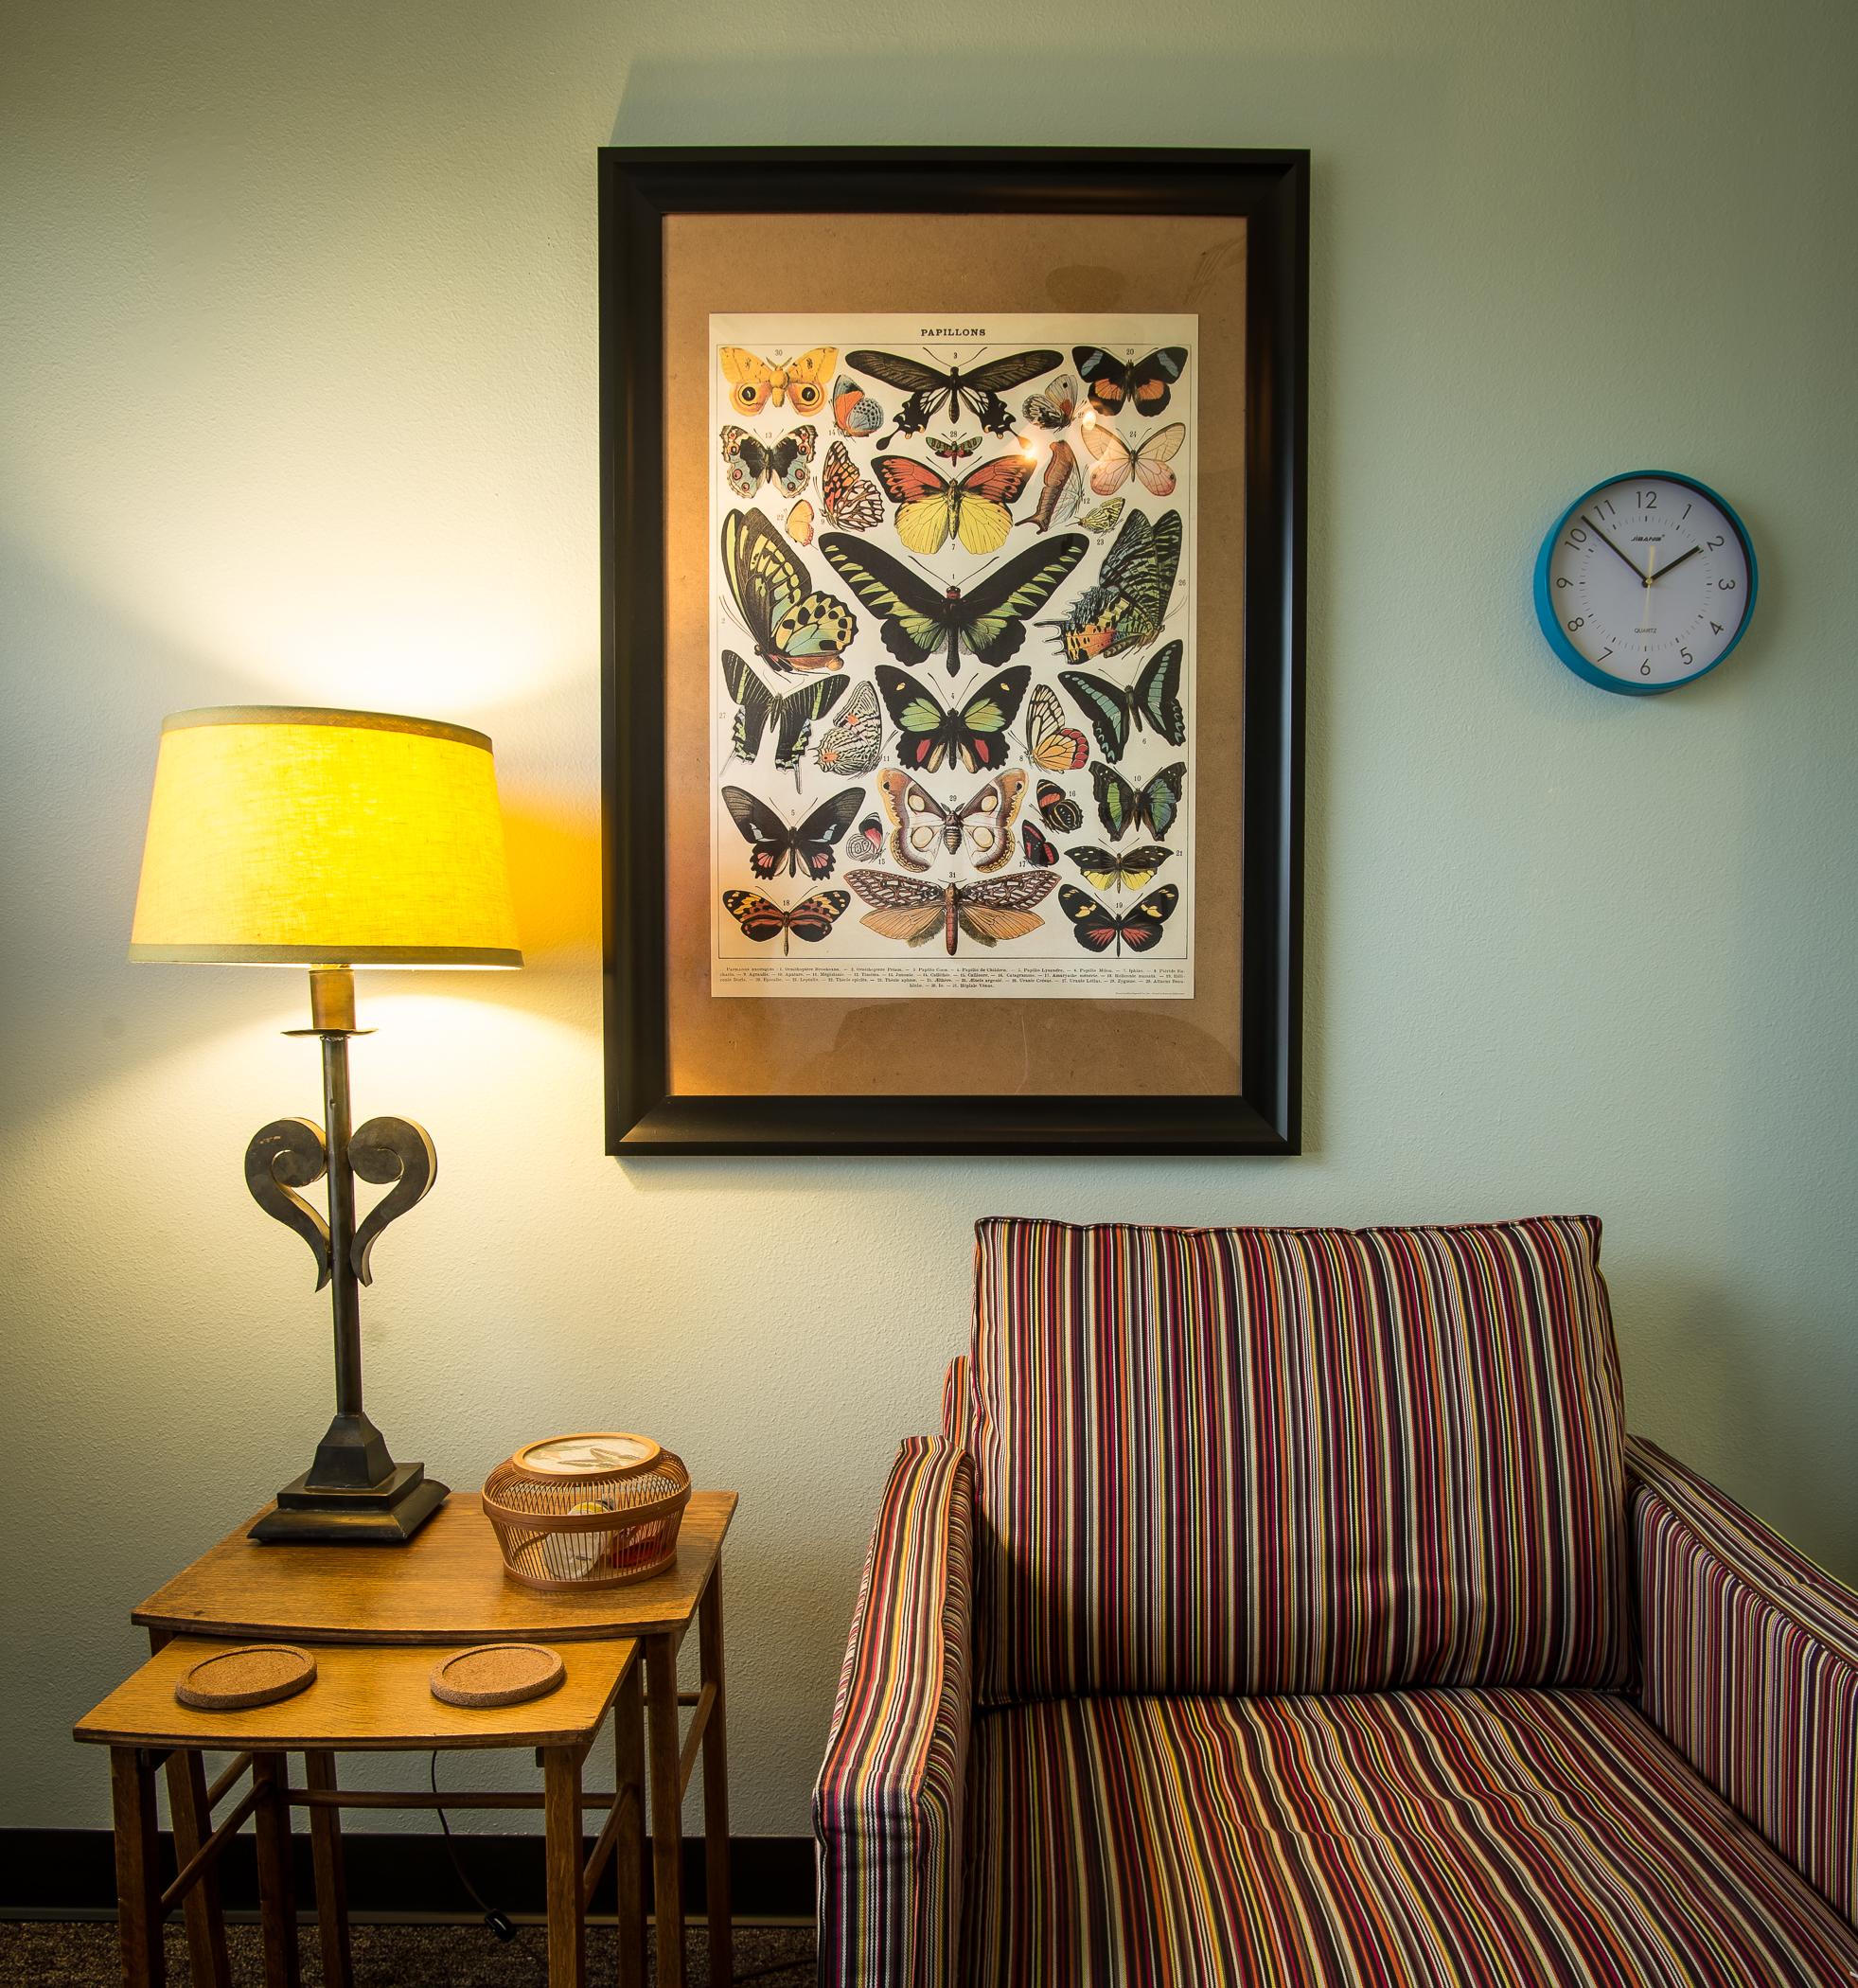 Butterfly Room, 5025 Shoal Creek, 78757